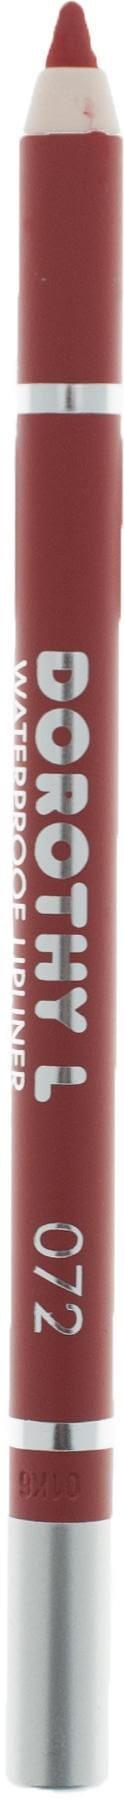 μολυβια-waterproof-dorothy-l-072_2071